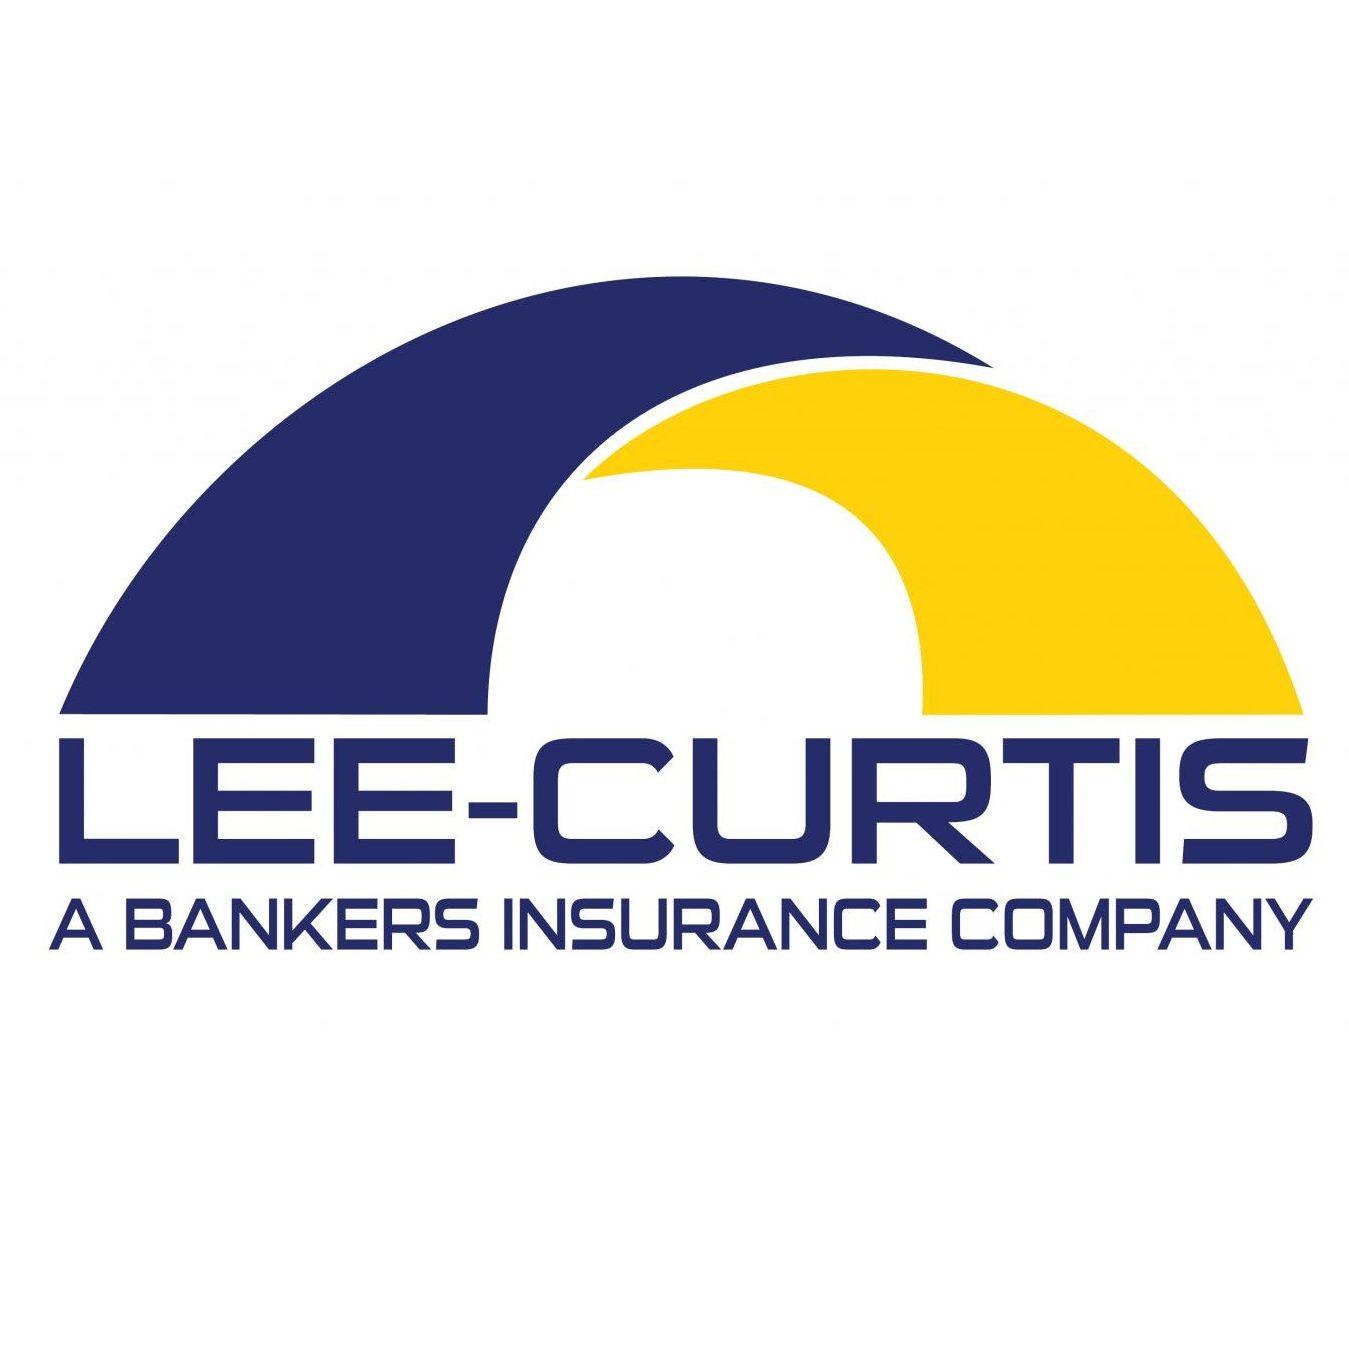 Lee-Curtis logo